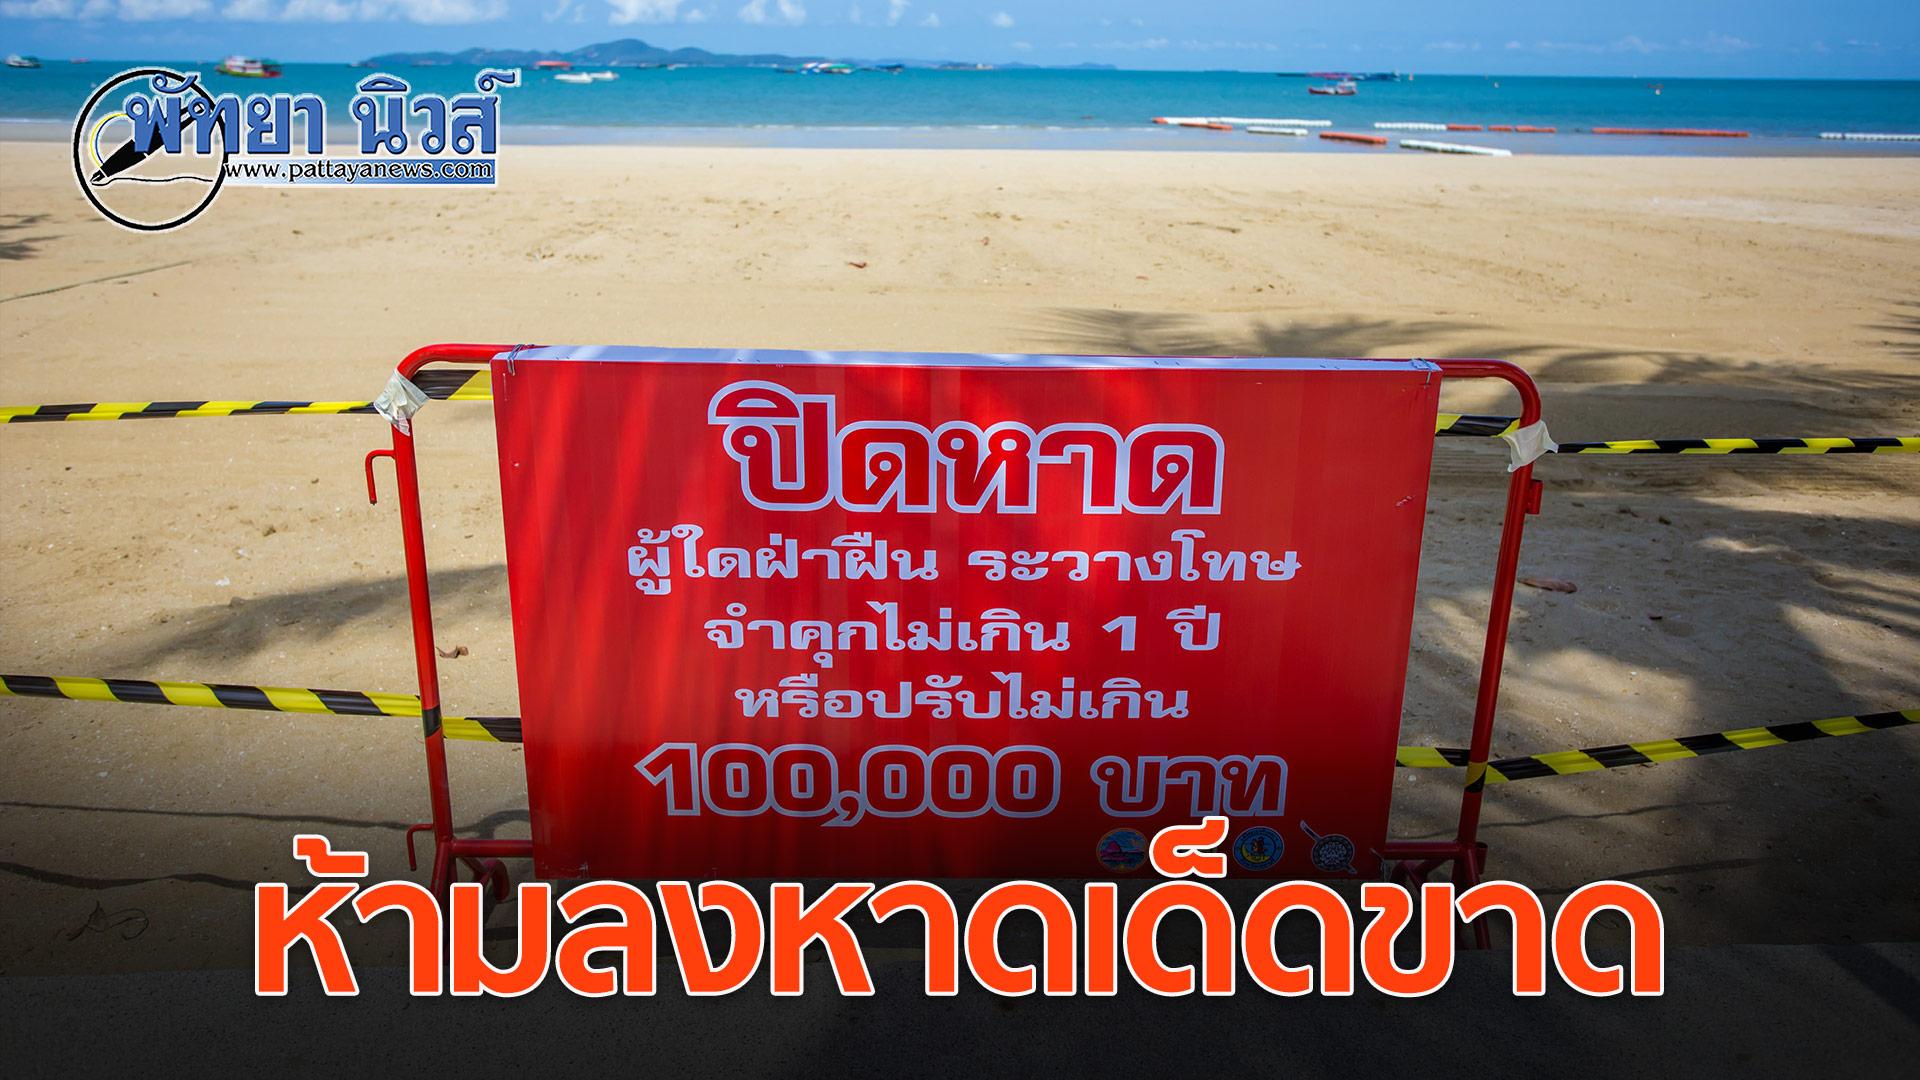 นายกเมืองพัทยาลงพื้นที่ปิดชายหาดทุกหาดอย่างเข้มงวด ป้องกันโควิดระบาดซ้ำ